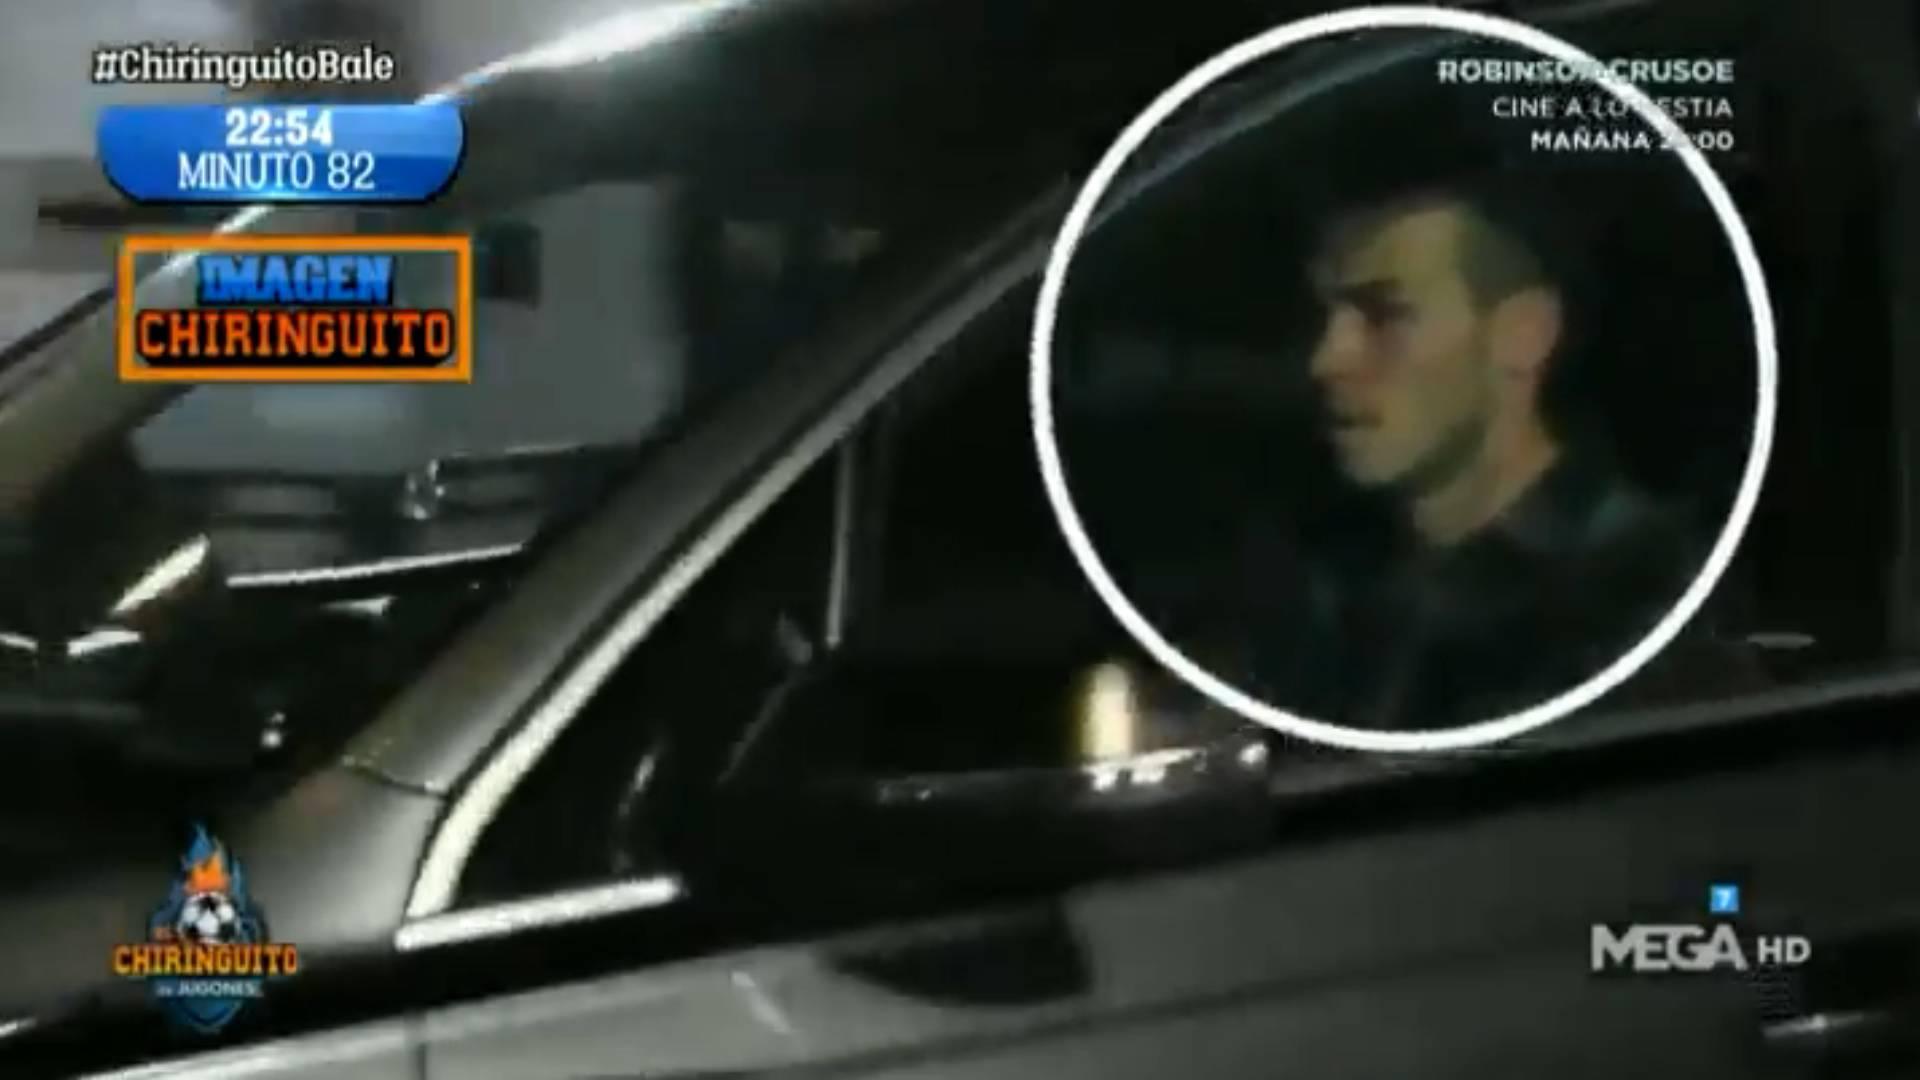 Dečki, žurim: Bale se pokupio s Realove utakmice u 83. minuti